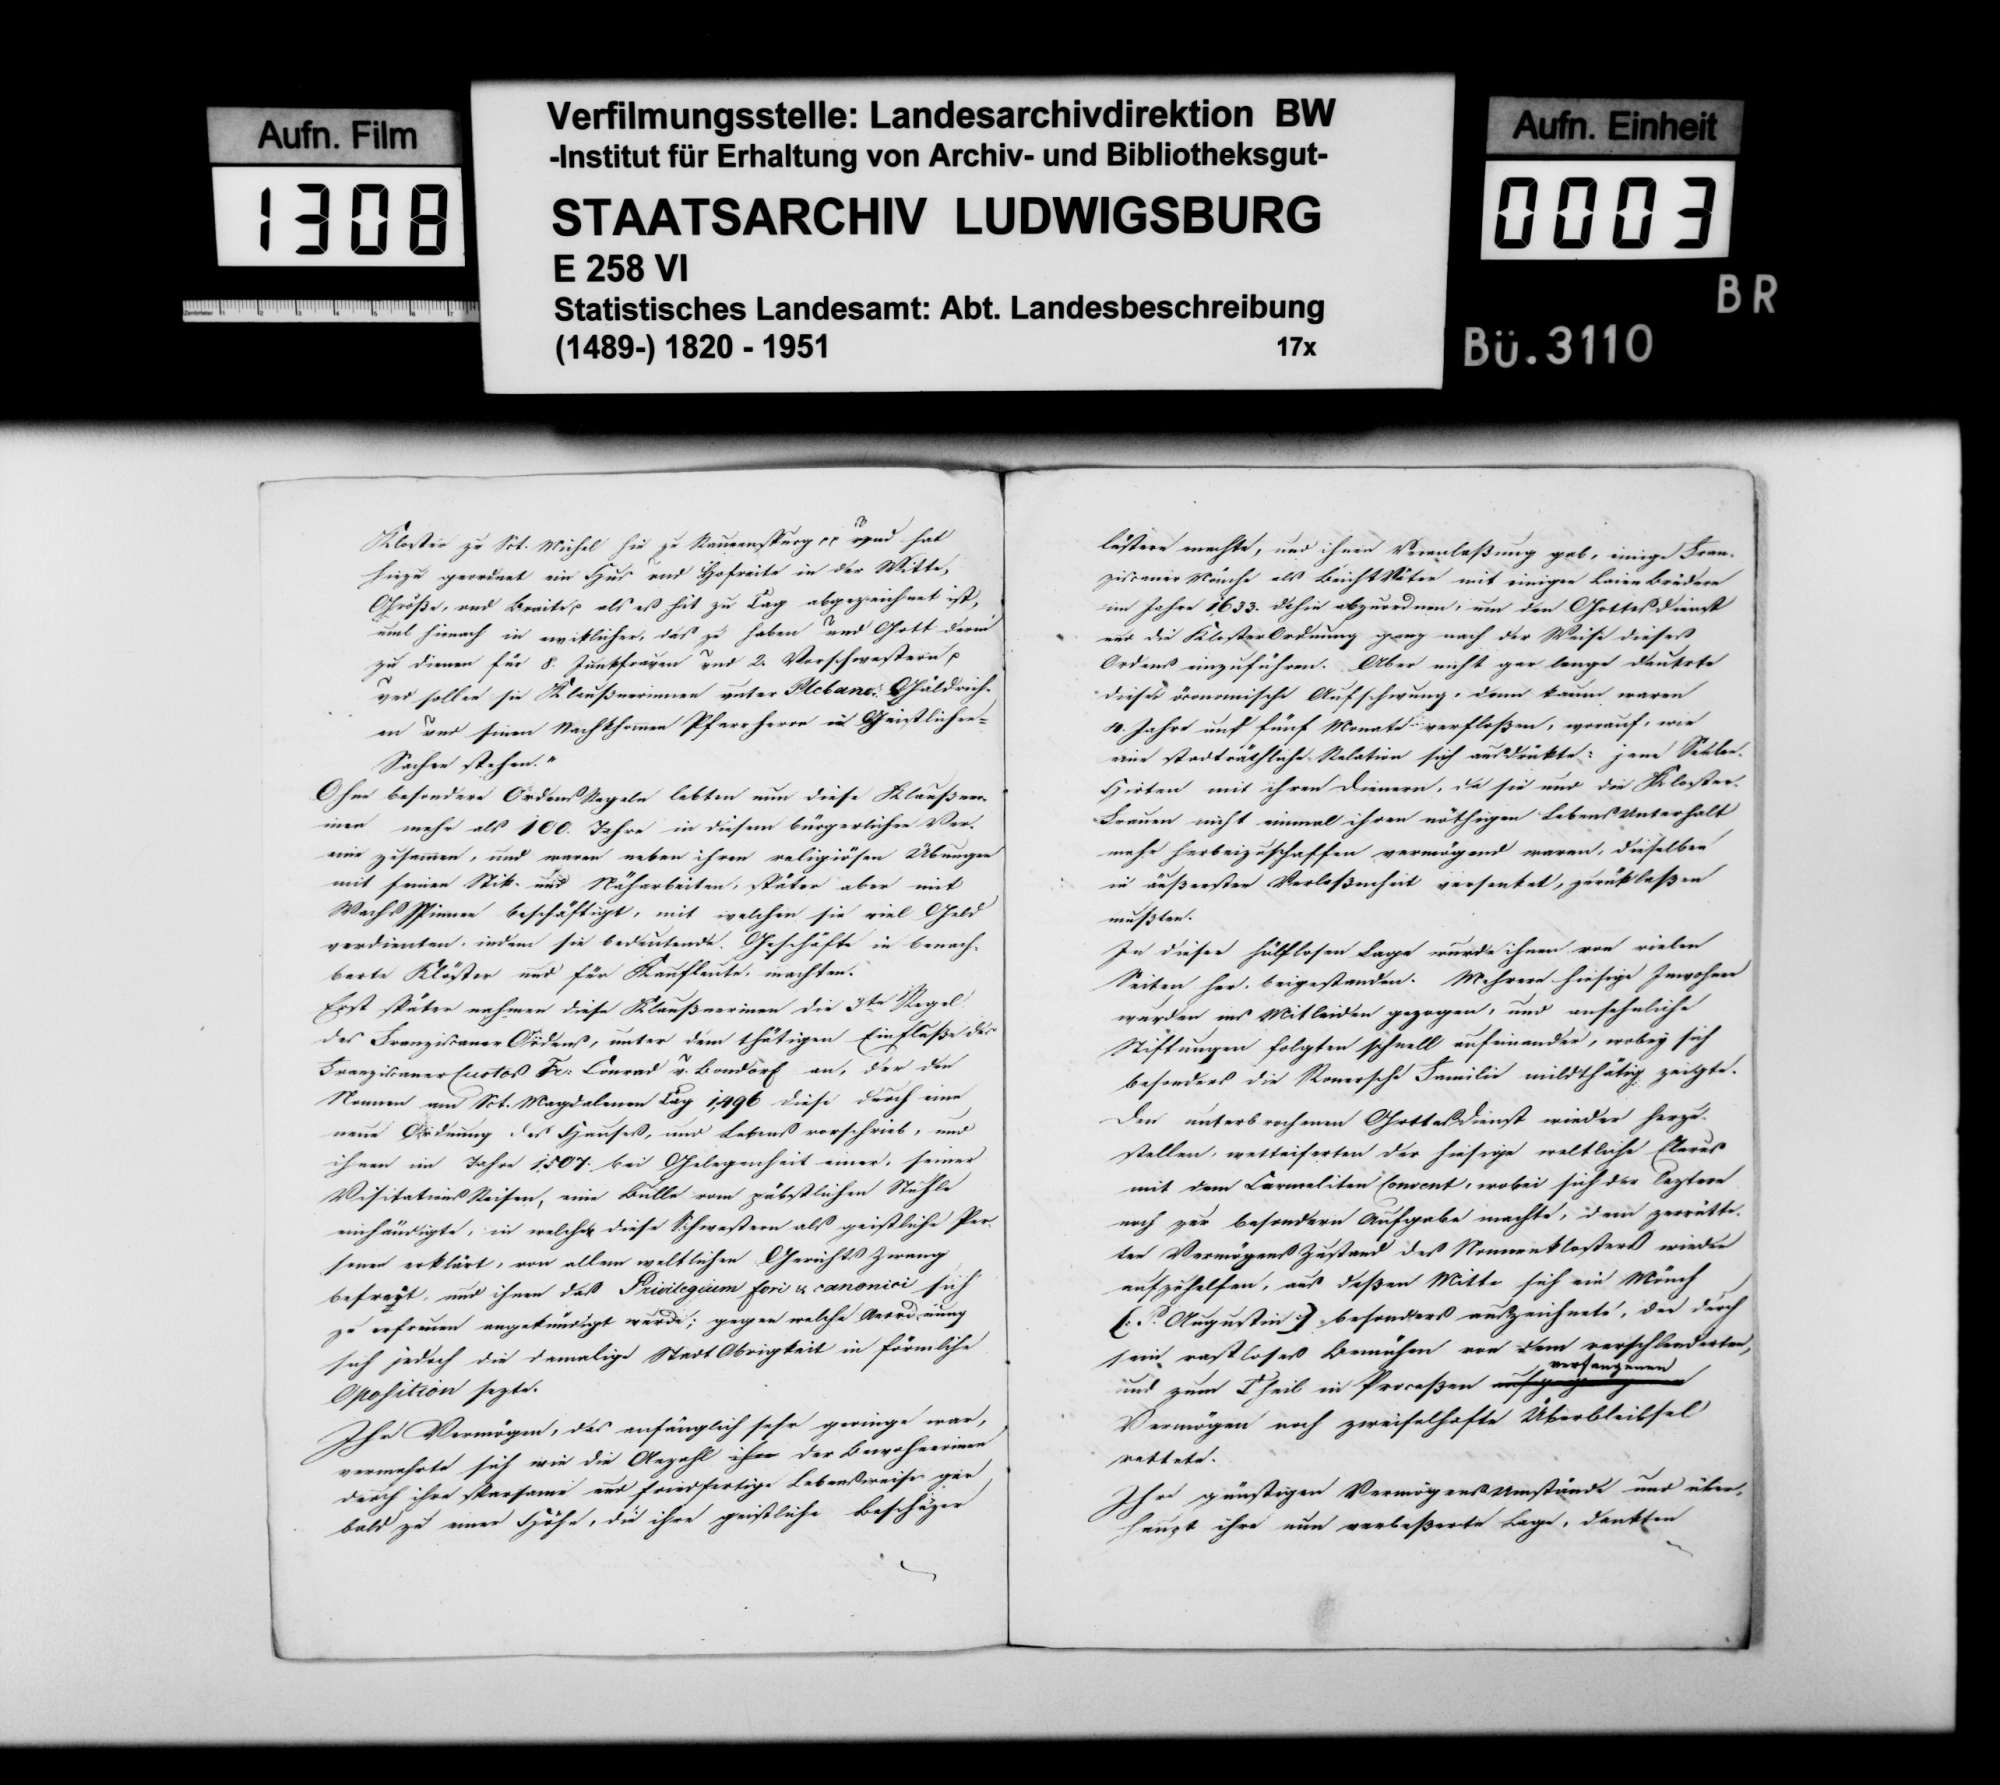 Das Franziskaner-Nonnenkloster in Ravensburg, aus Archivalien des Stadtarchivs und der Klosterregistratur erstellte Abhandlung des Verwaltungsaktuars Gutermann aus Friedrichshafen, Bild 2